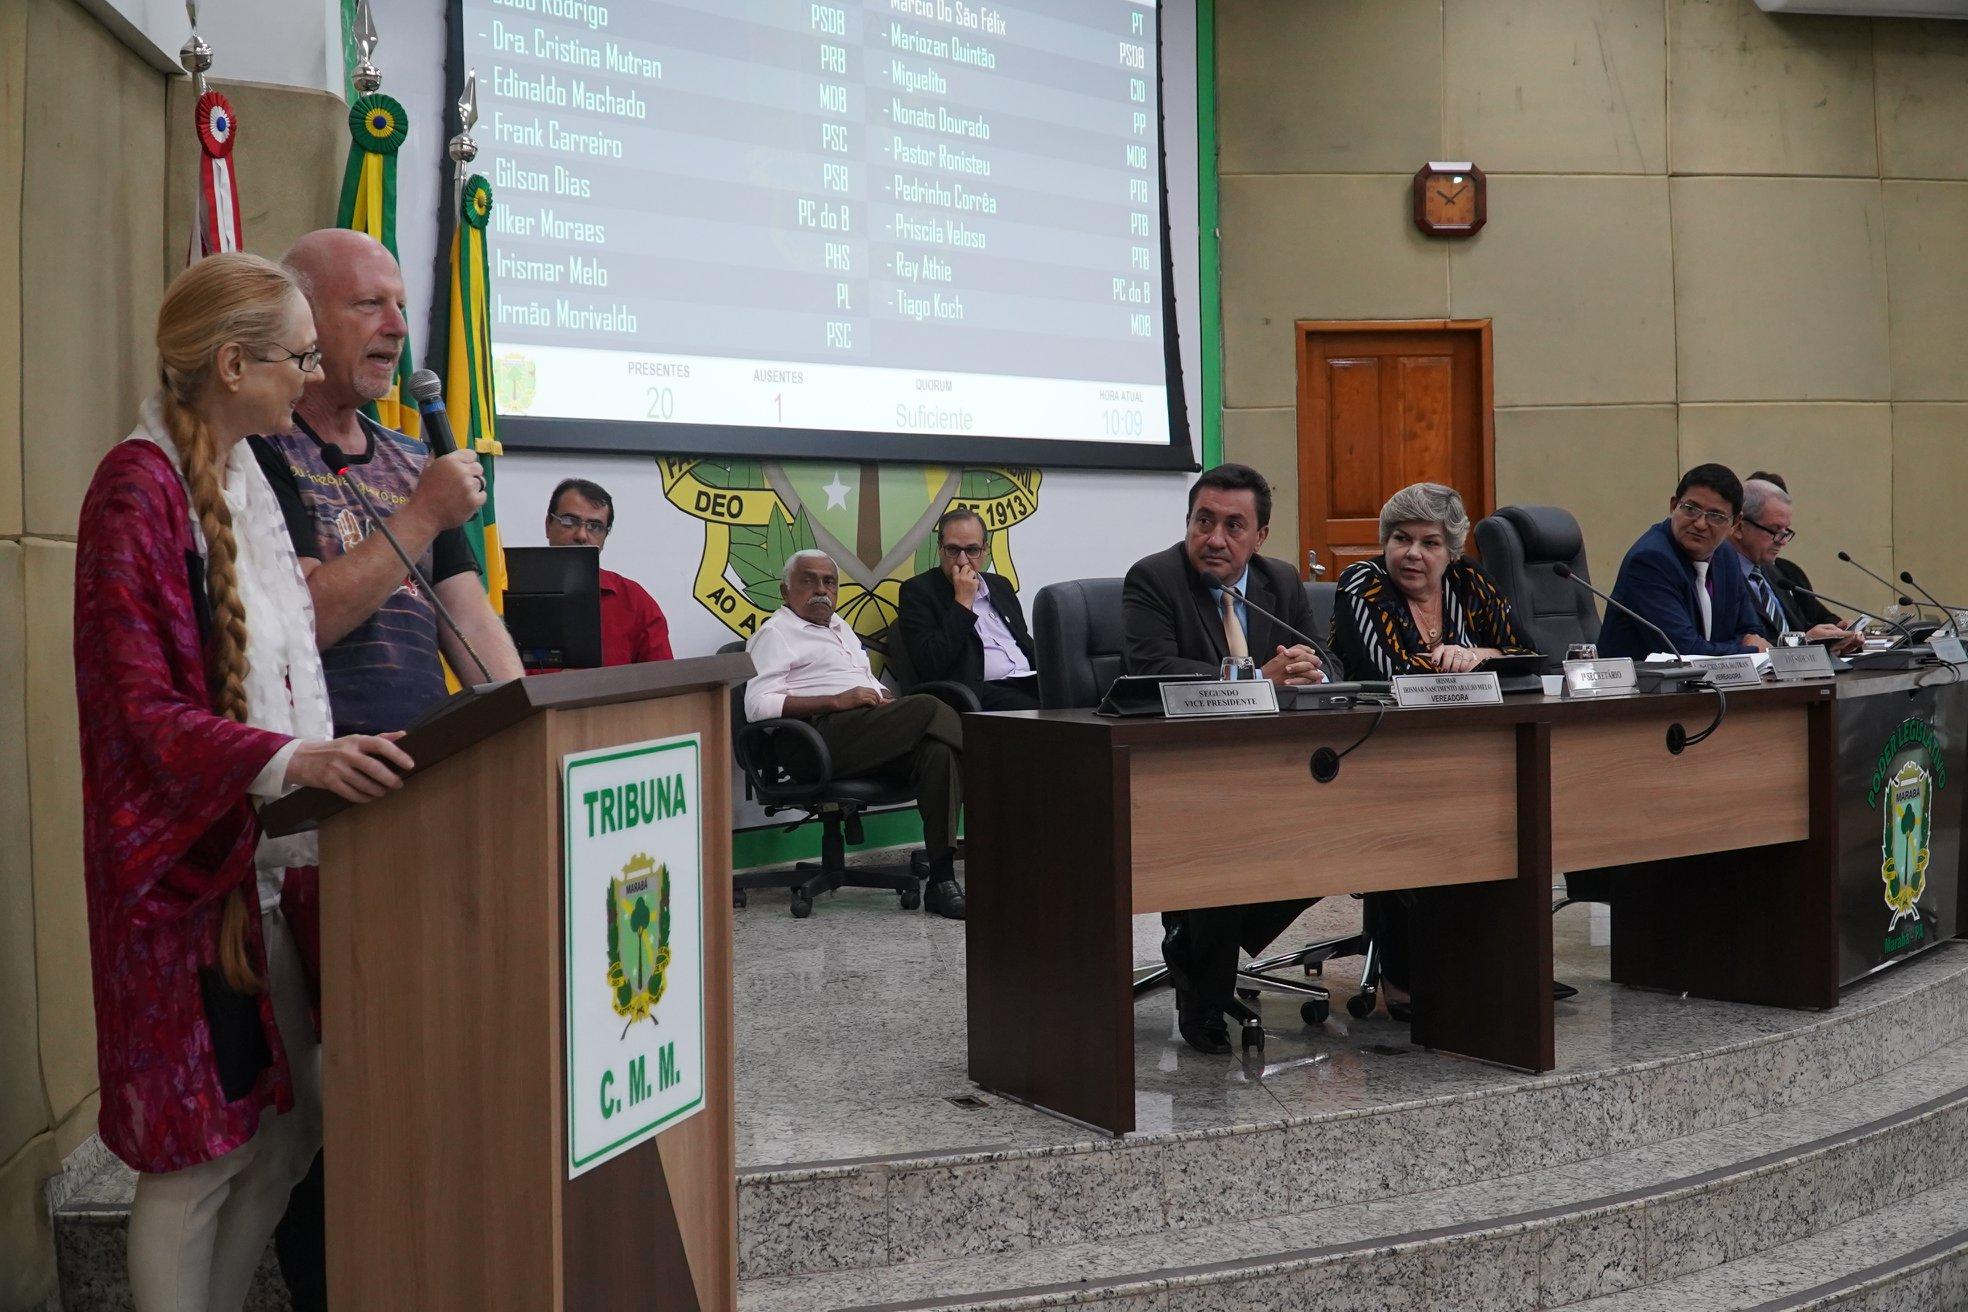 Jovens vão à Europa defender a Amazônia